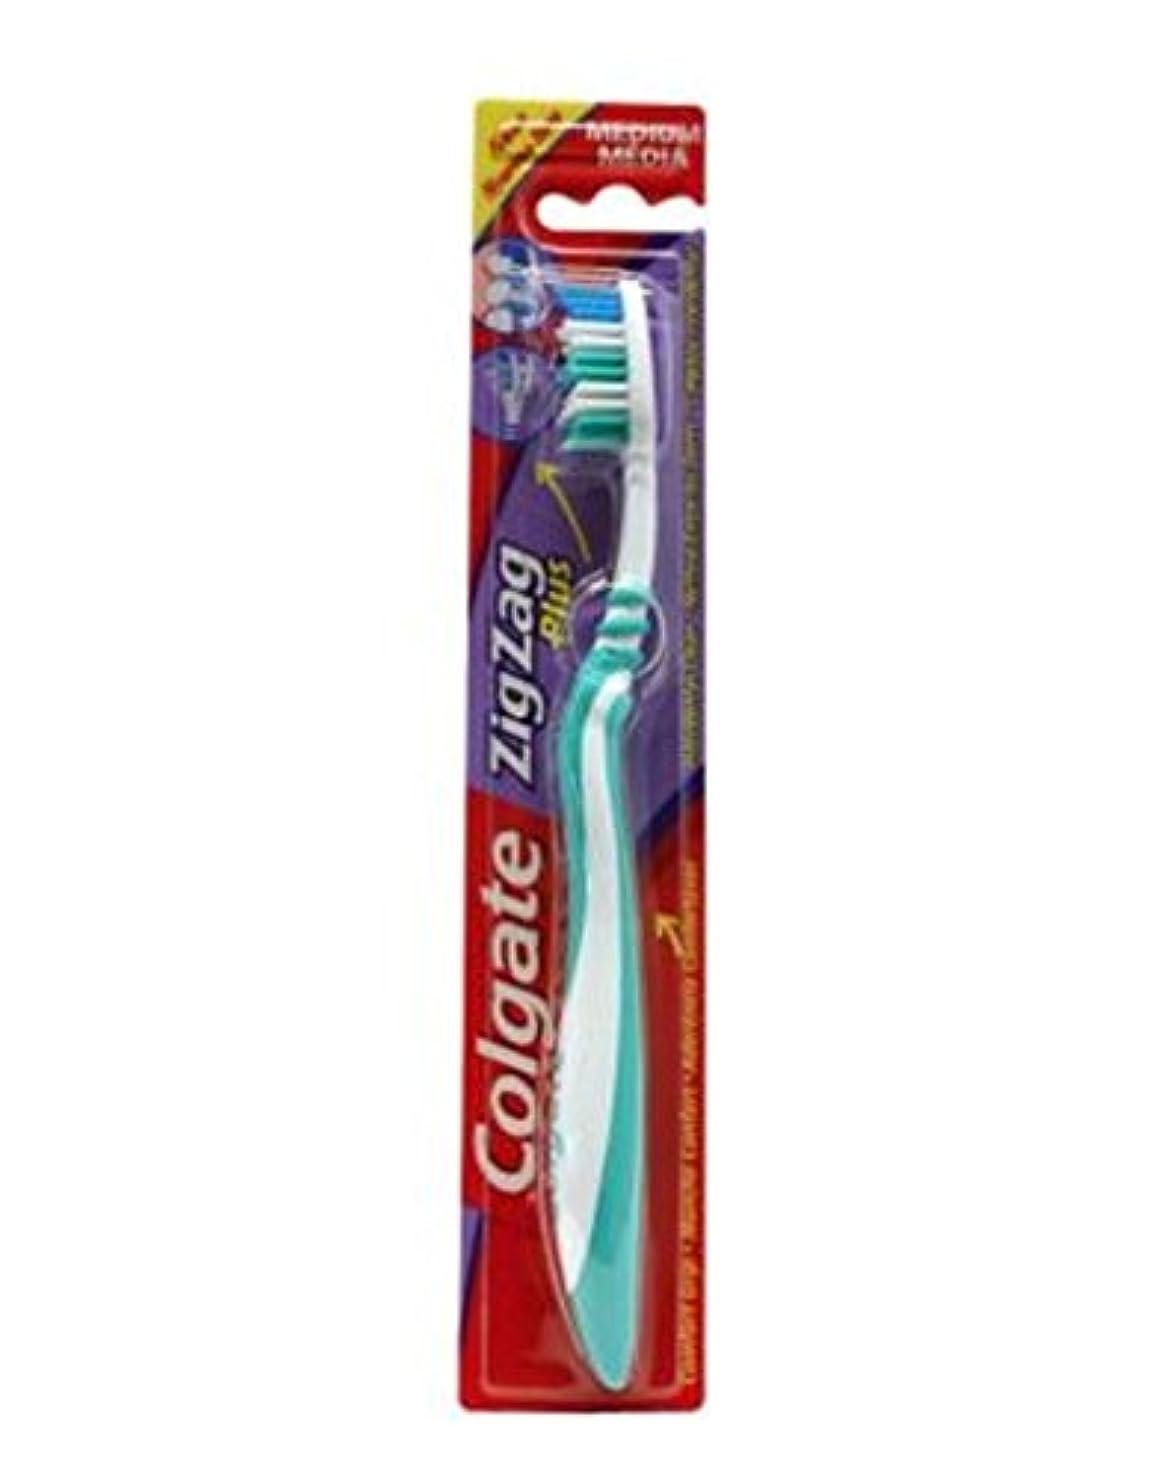 禁じるマージオピエートColgate Zig Zag Plus Toothbrush Medium - コルゲートジグザグプラス歯ブラシ媒体 (Colgate) [並行輸入品]